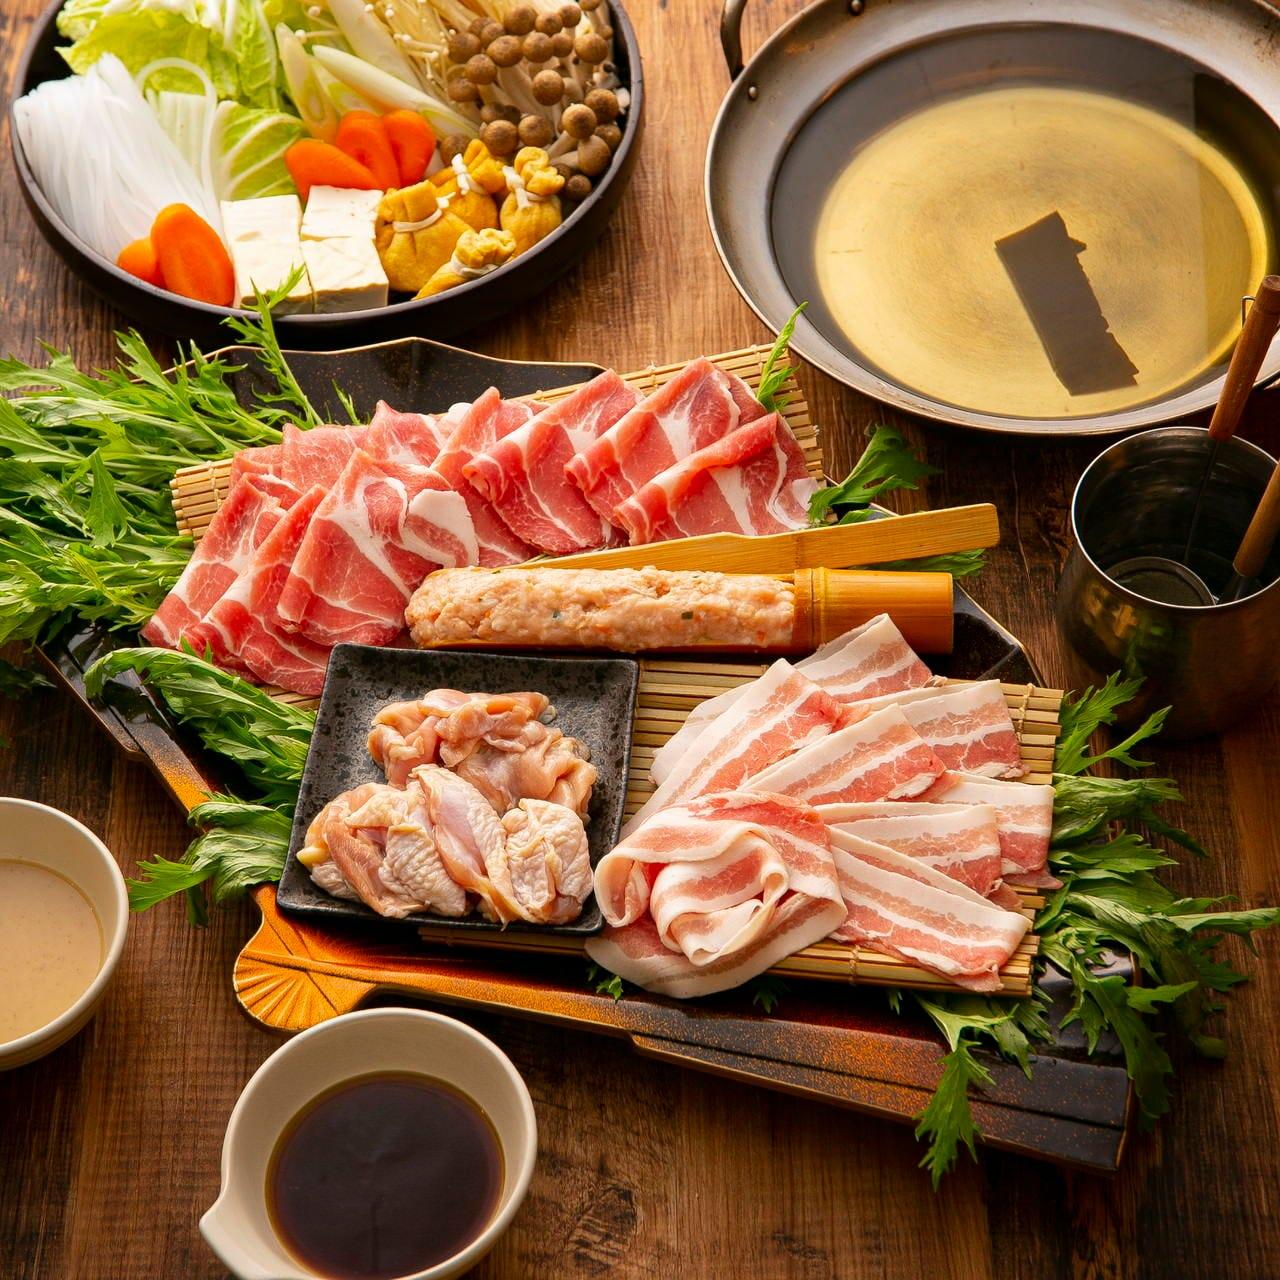 なんと食べ放題が2,080円(税抜)とリーズナブルに楽しめる!